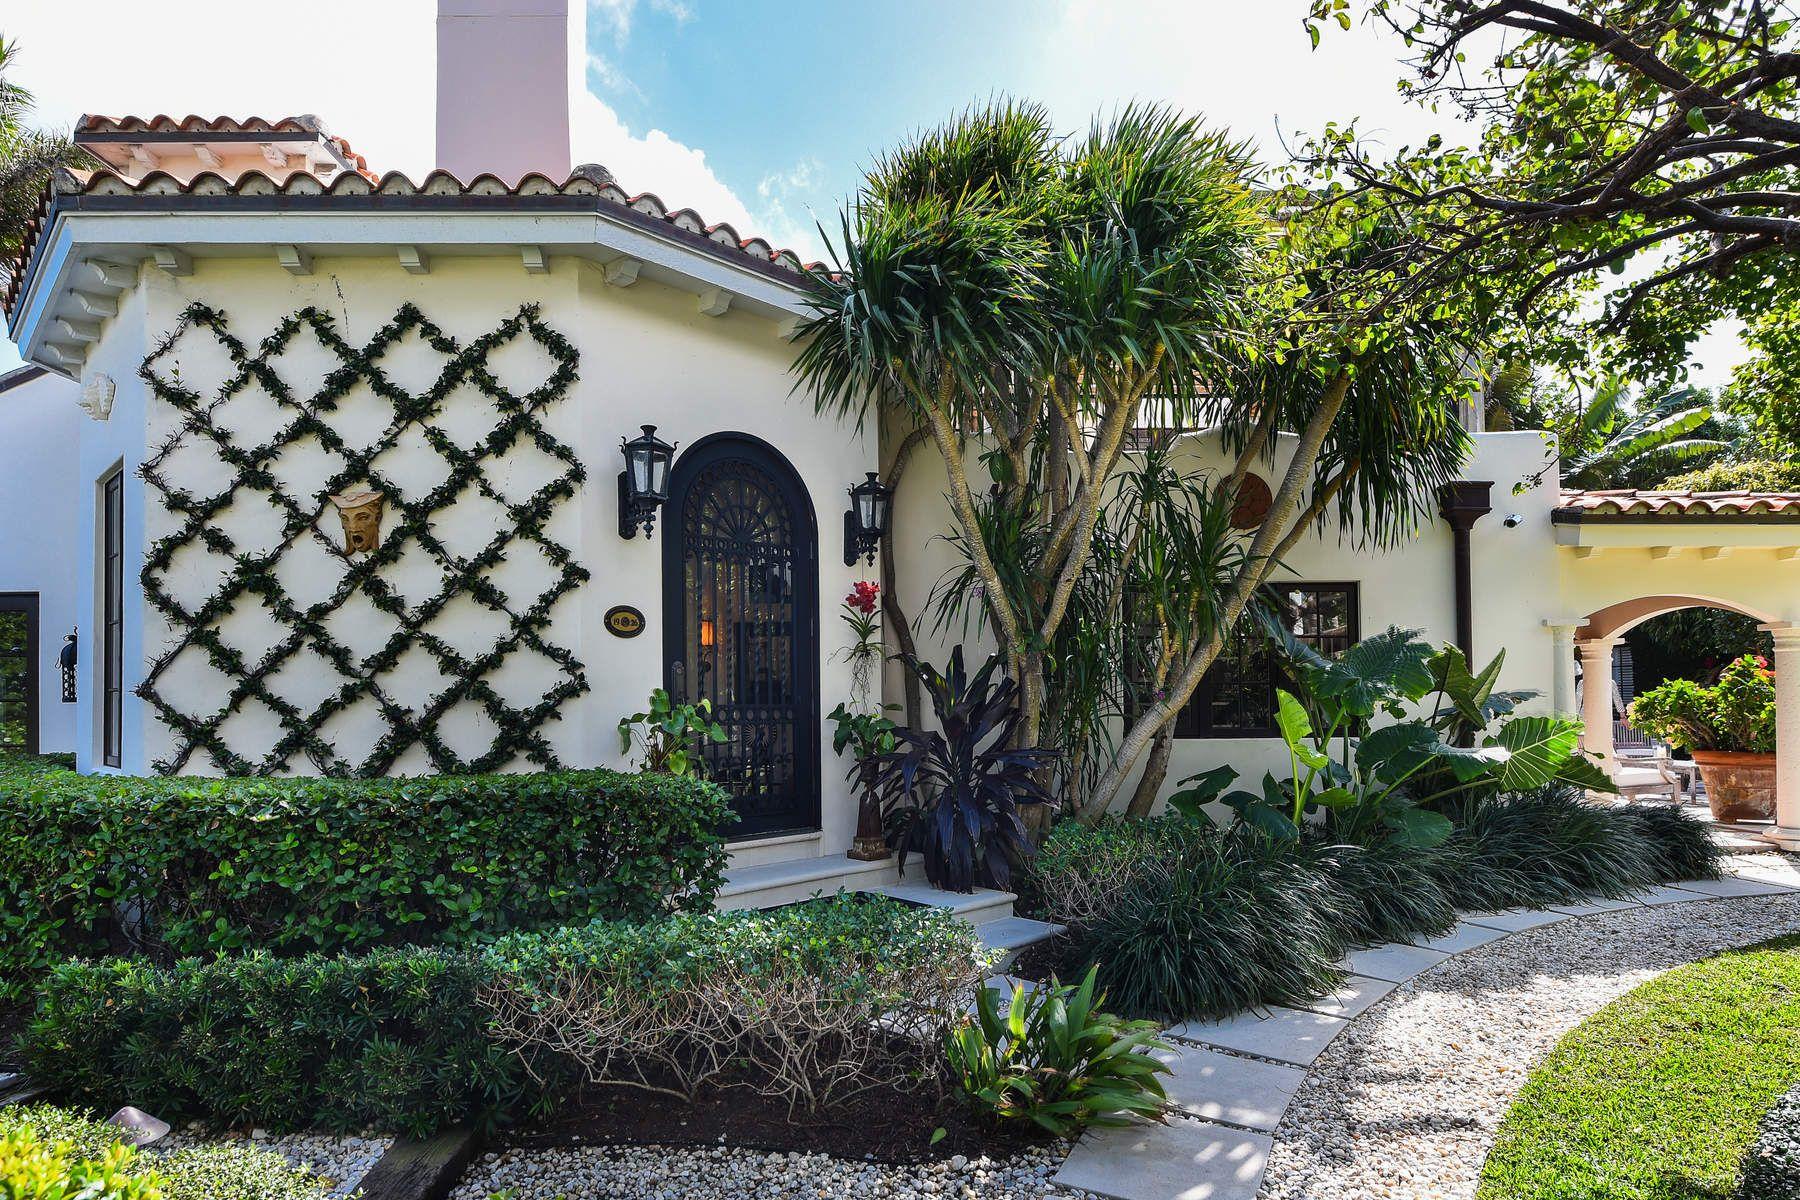 Частный односемейный дом для того Продажа на Stunning Mediterranean Waterfront Home 2701 S Flagler Dr West Palm Beach, Флорида 33405 Соединенные Штаты